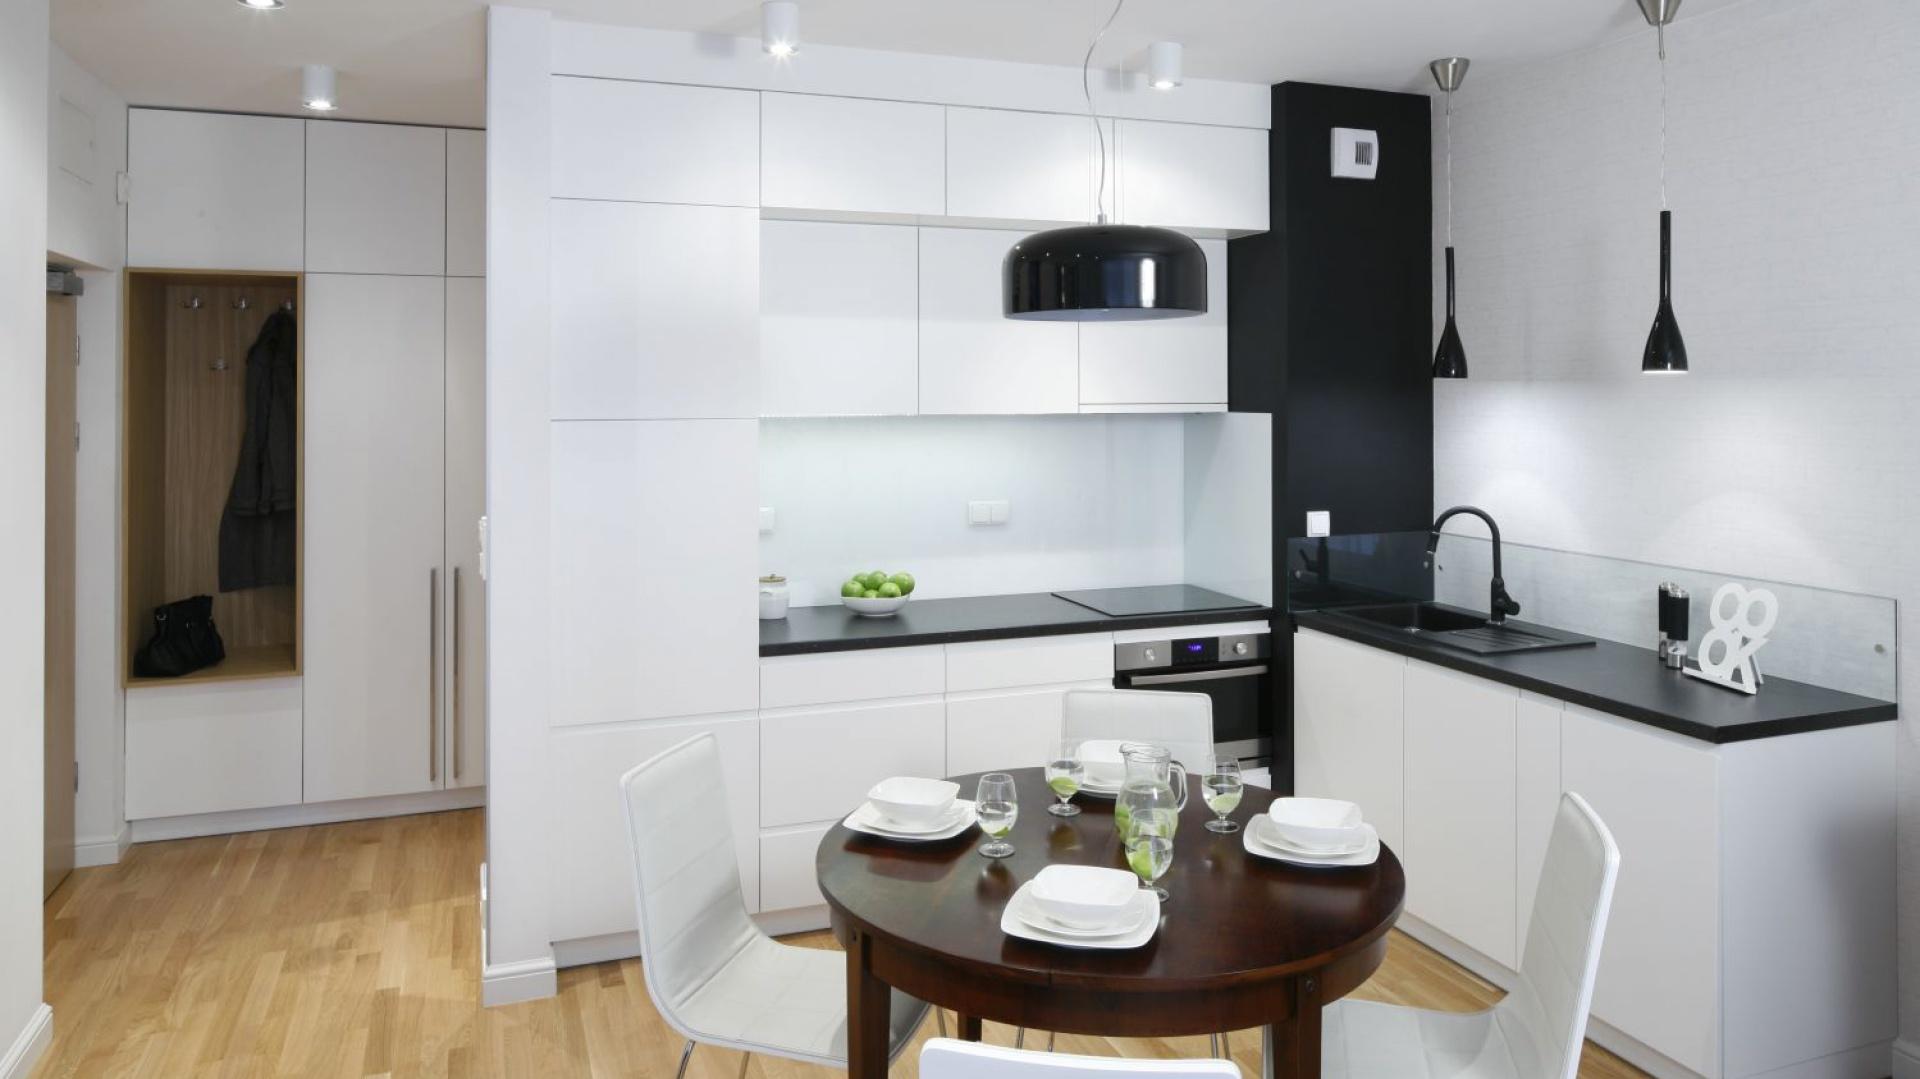 W tej niewielkiej kuchni Mała kuchnia w bloku 12 pomysłów na udaną aran